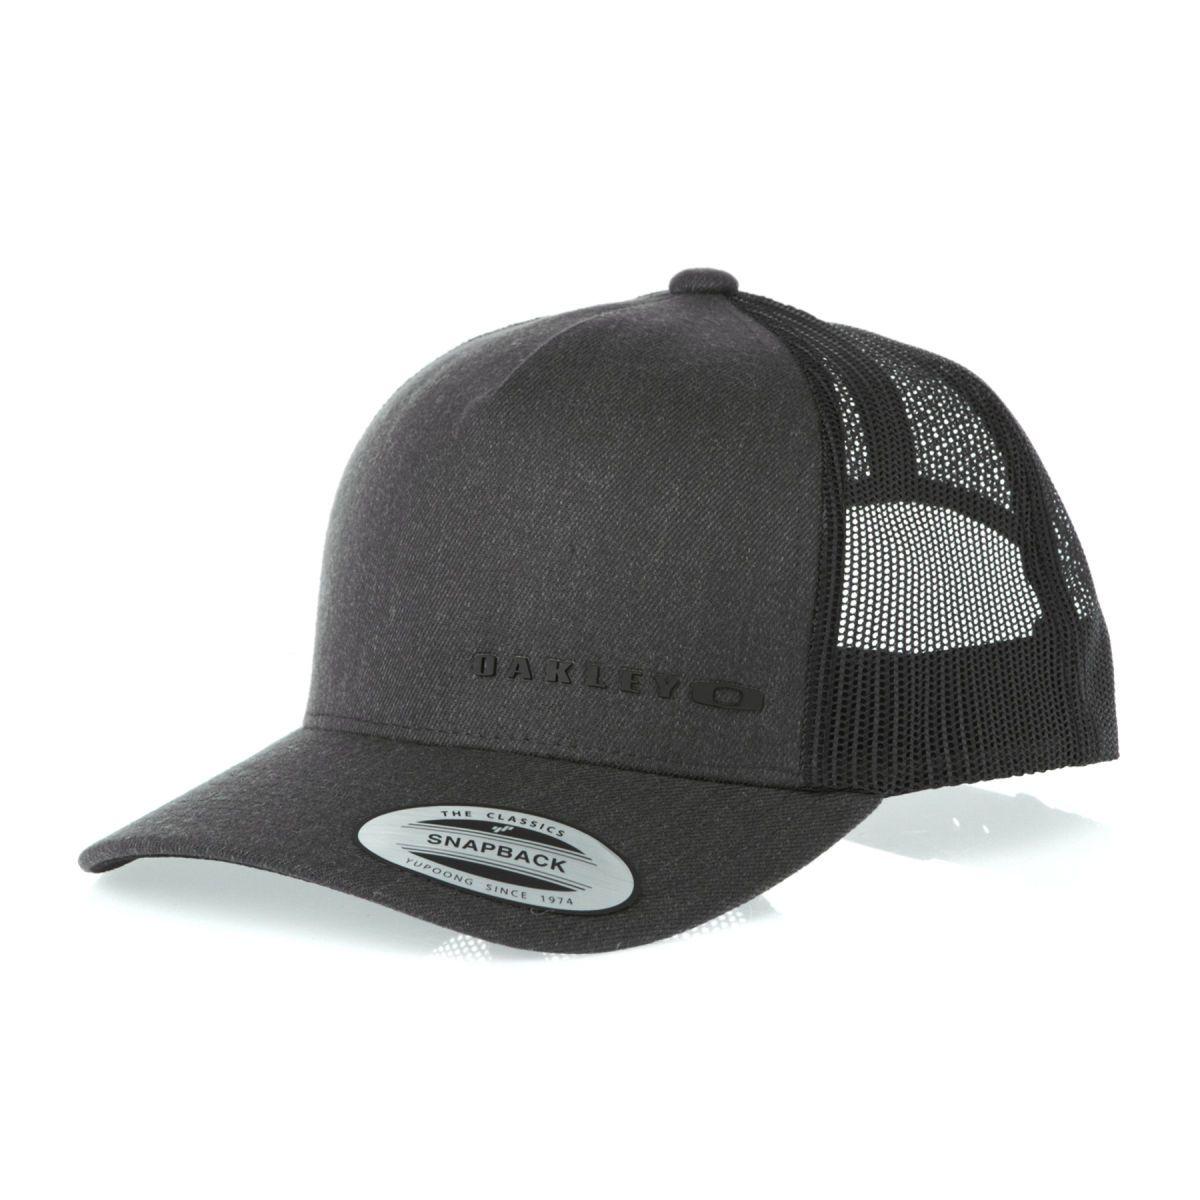 better first look release info on Oakley Caps - Oakley Halifax Trucker Cap - Black | Oakley cap ...